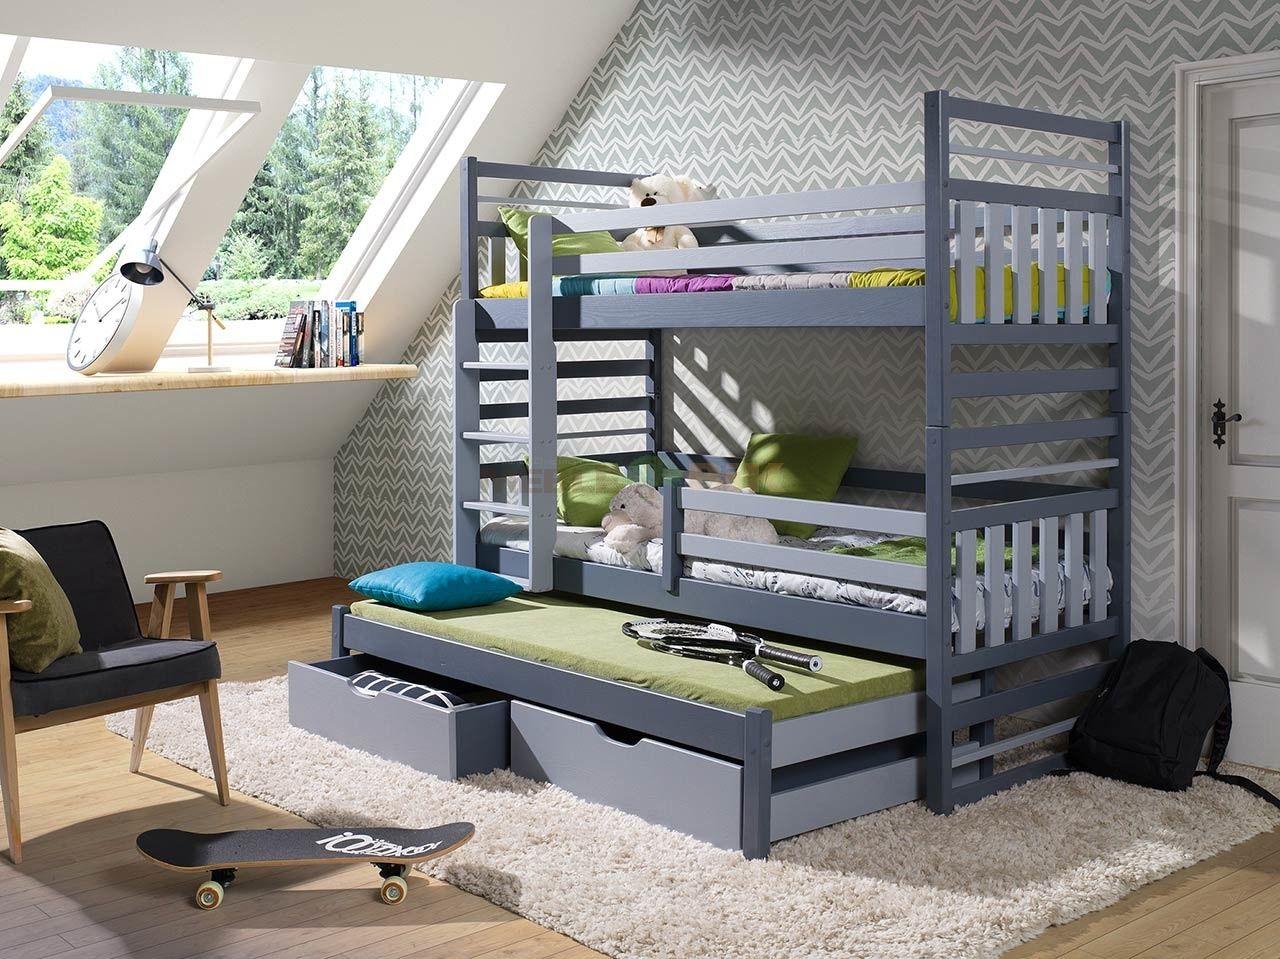 łóżko Piętrowe Hipolit 3 Osobowe Do Pokoju Młodzieżowego Z